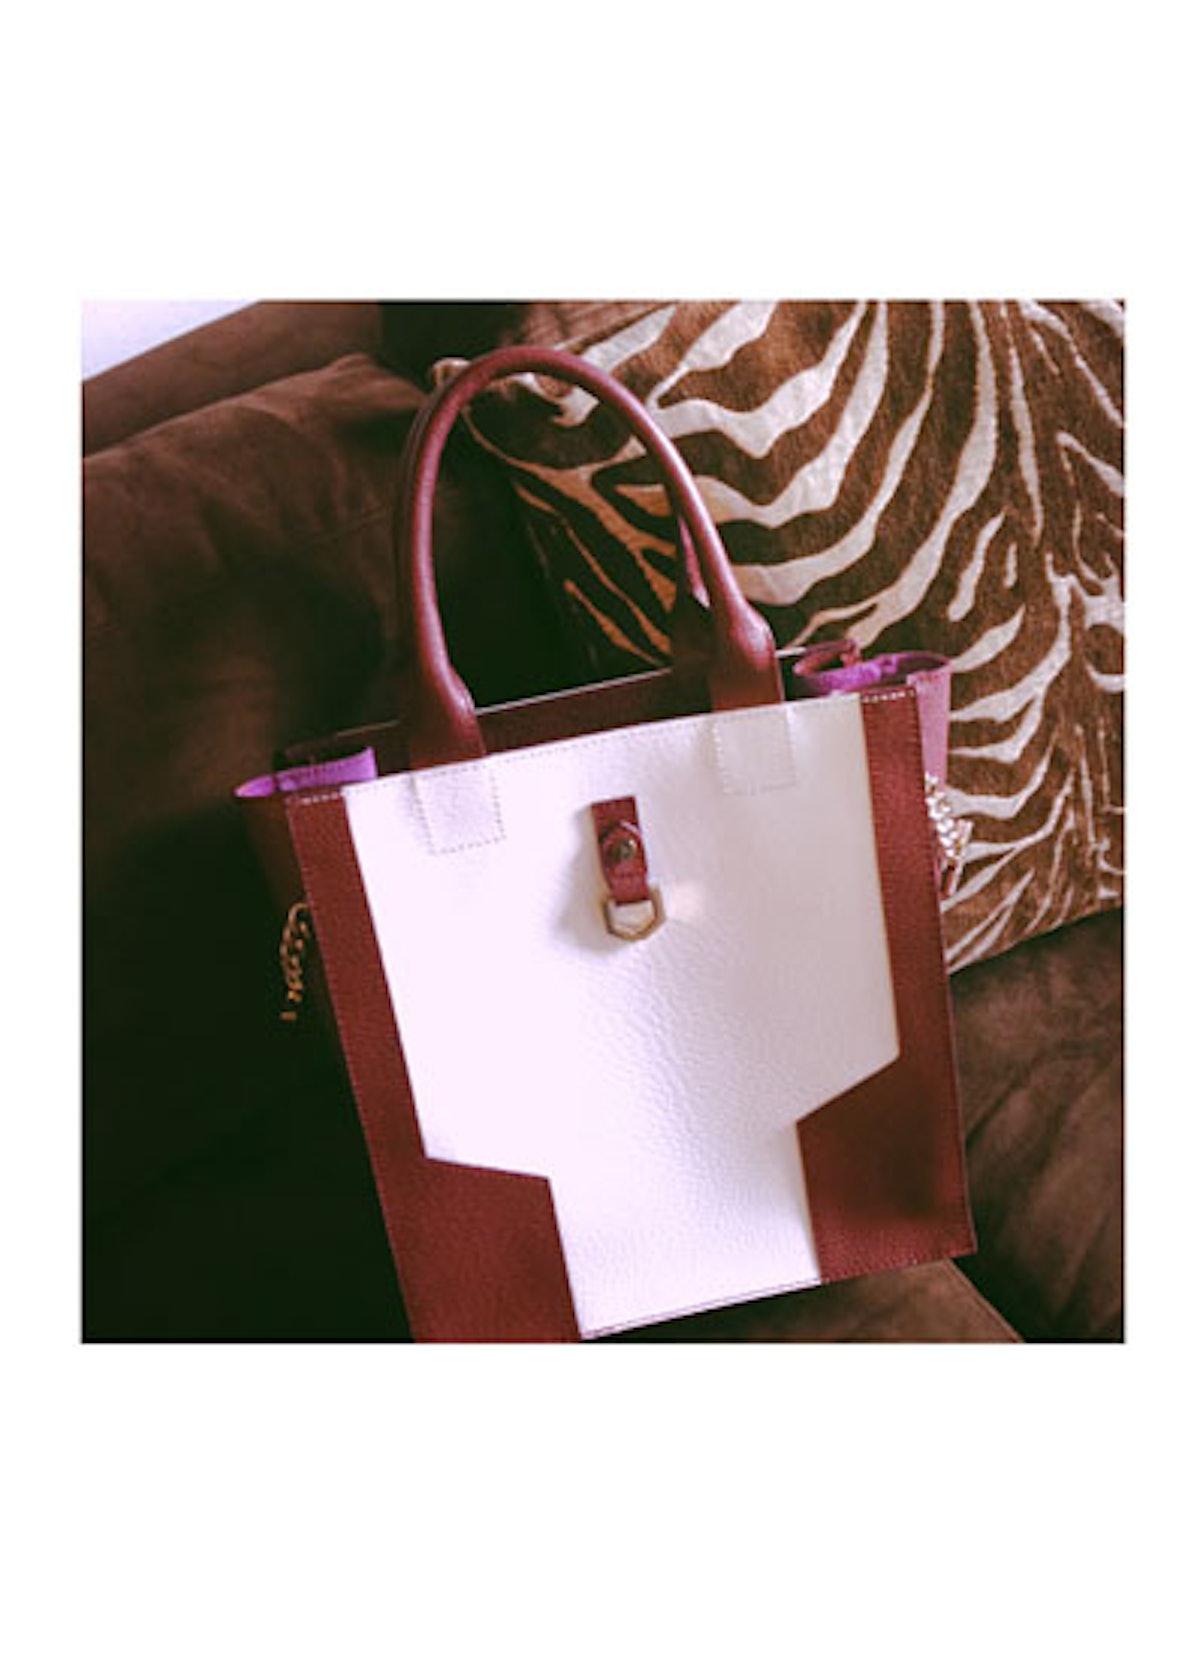 acss-best-bags-fall-2013-02-v.jpg